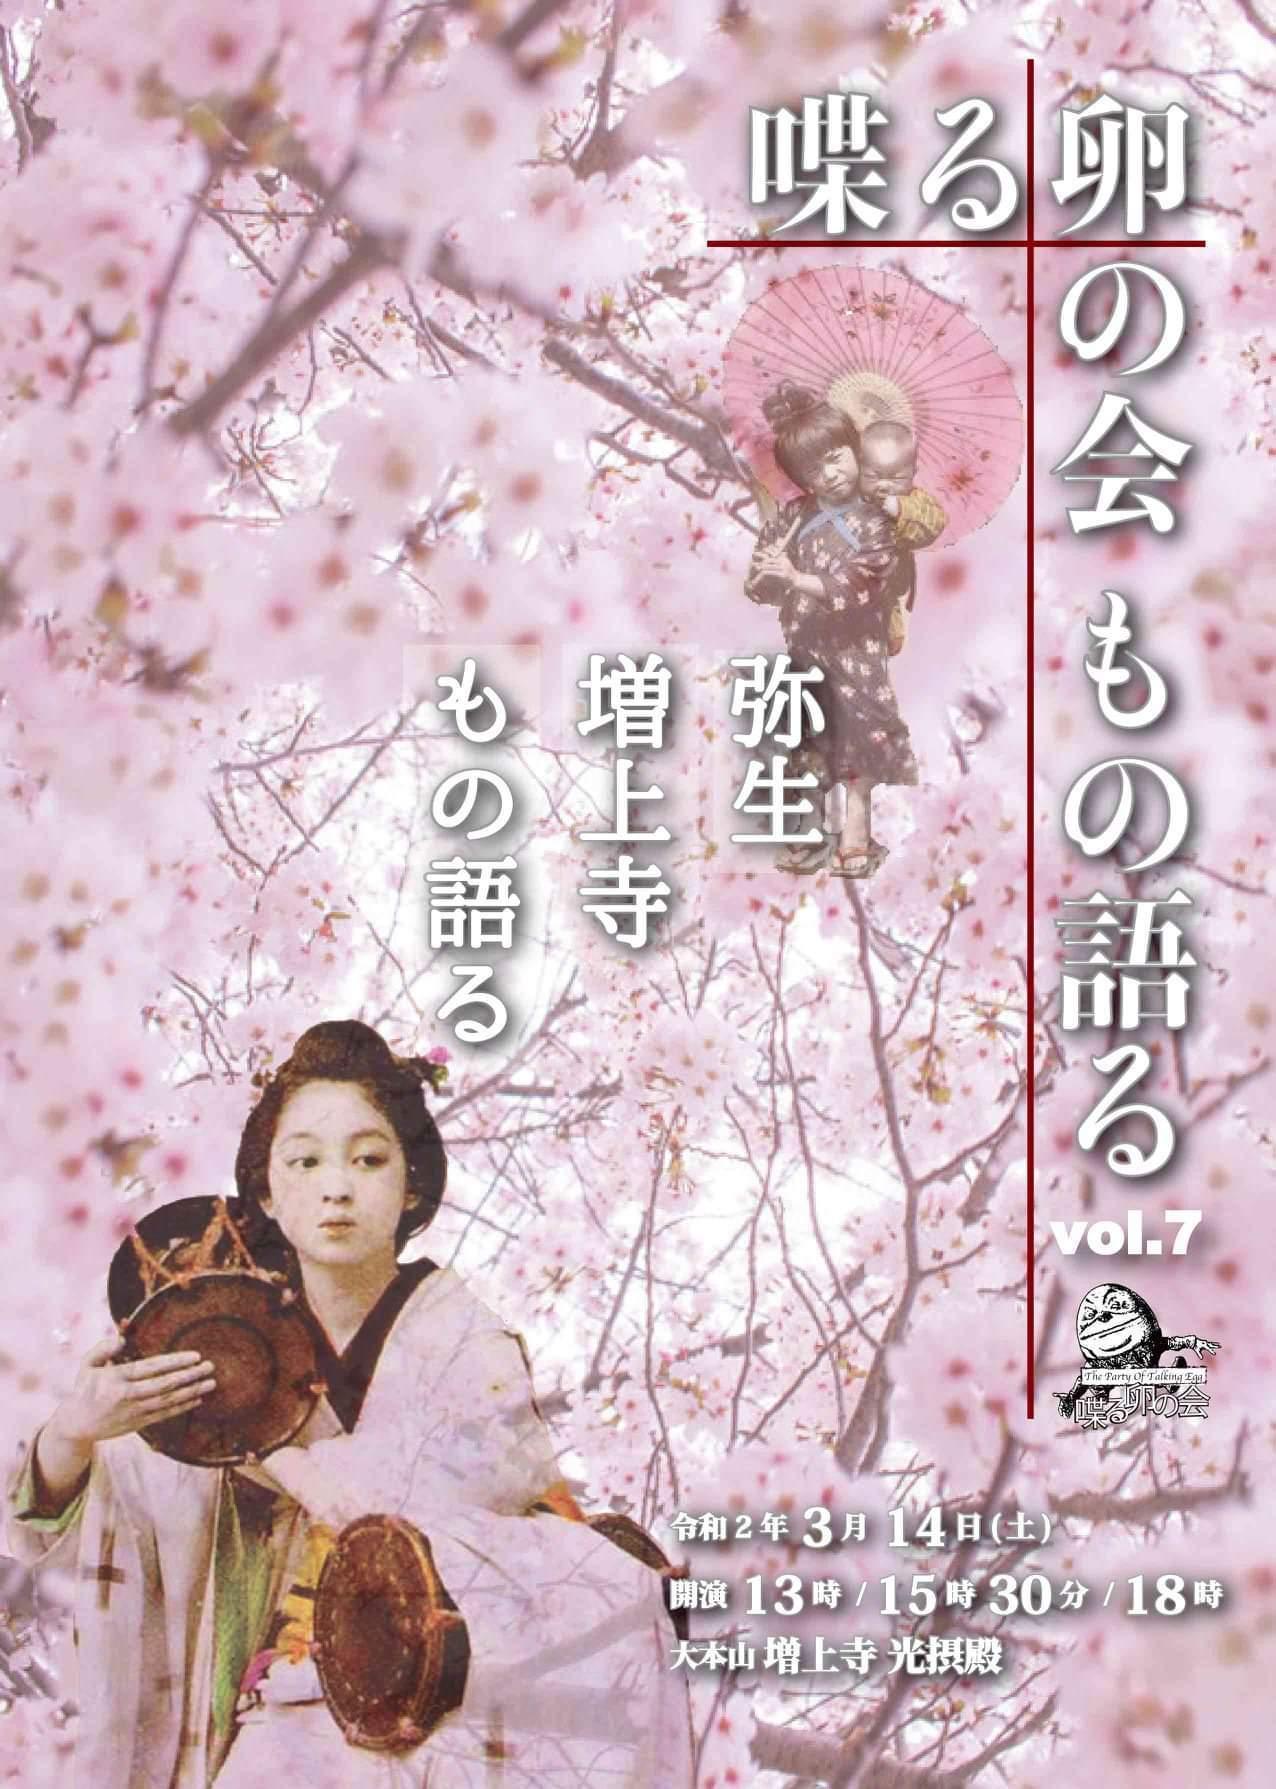 おひな様おはようさん 増上寺と私の物語り_c0124505_17413402.jpeg